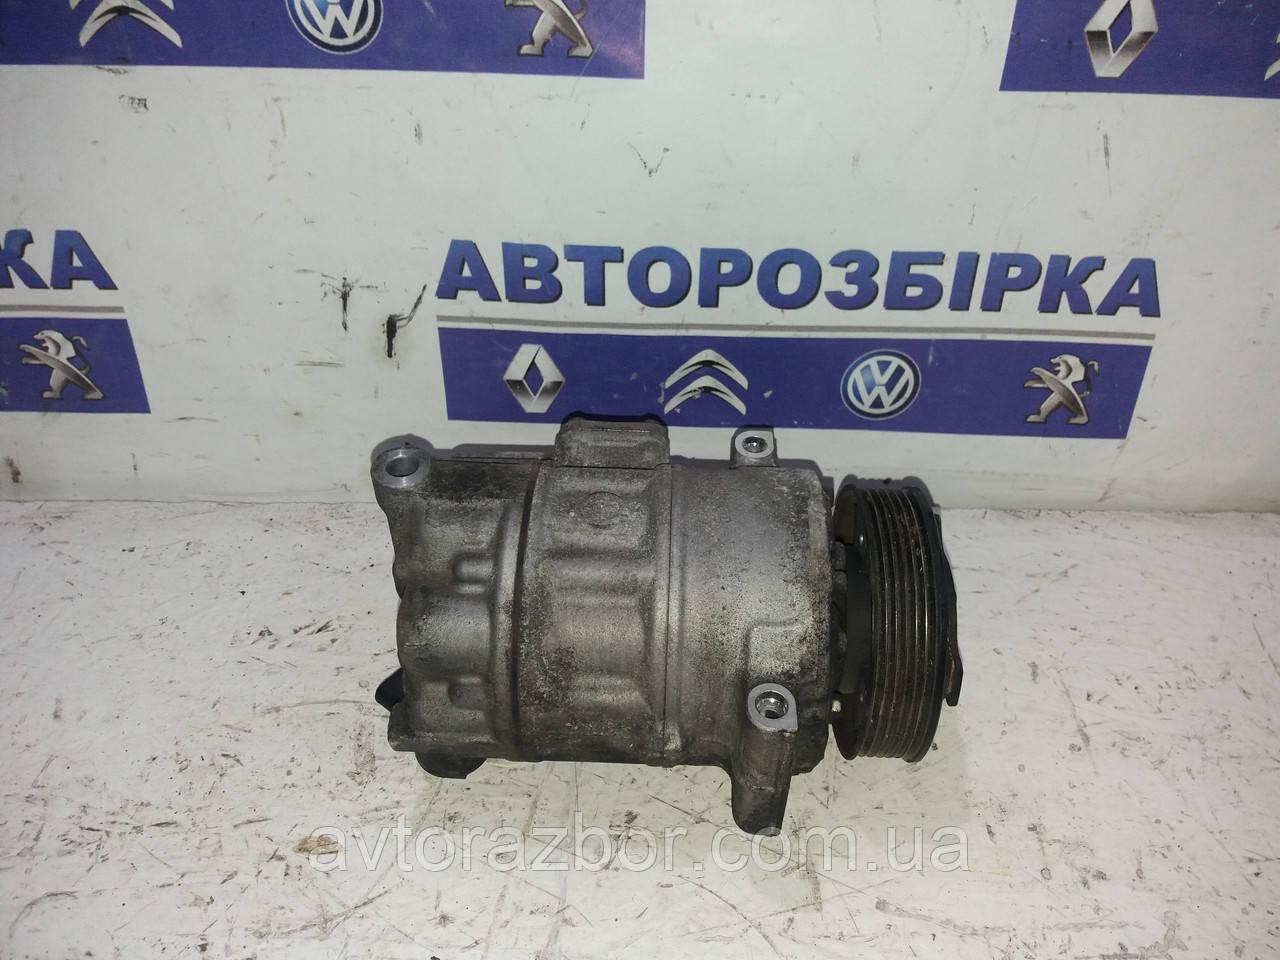 Компрессор кондиционера кондиціонера Volkswagen Caddy 04-09 Фольксваген Кадди Кадді